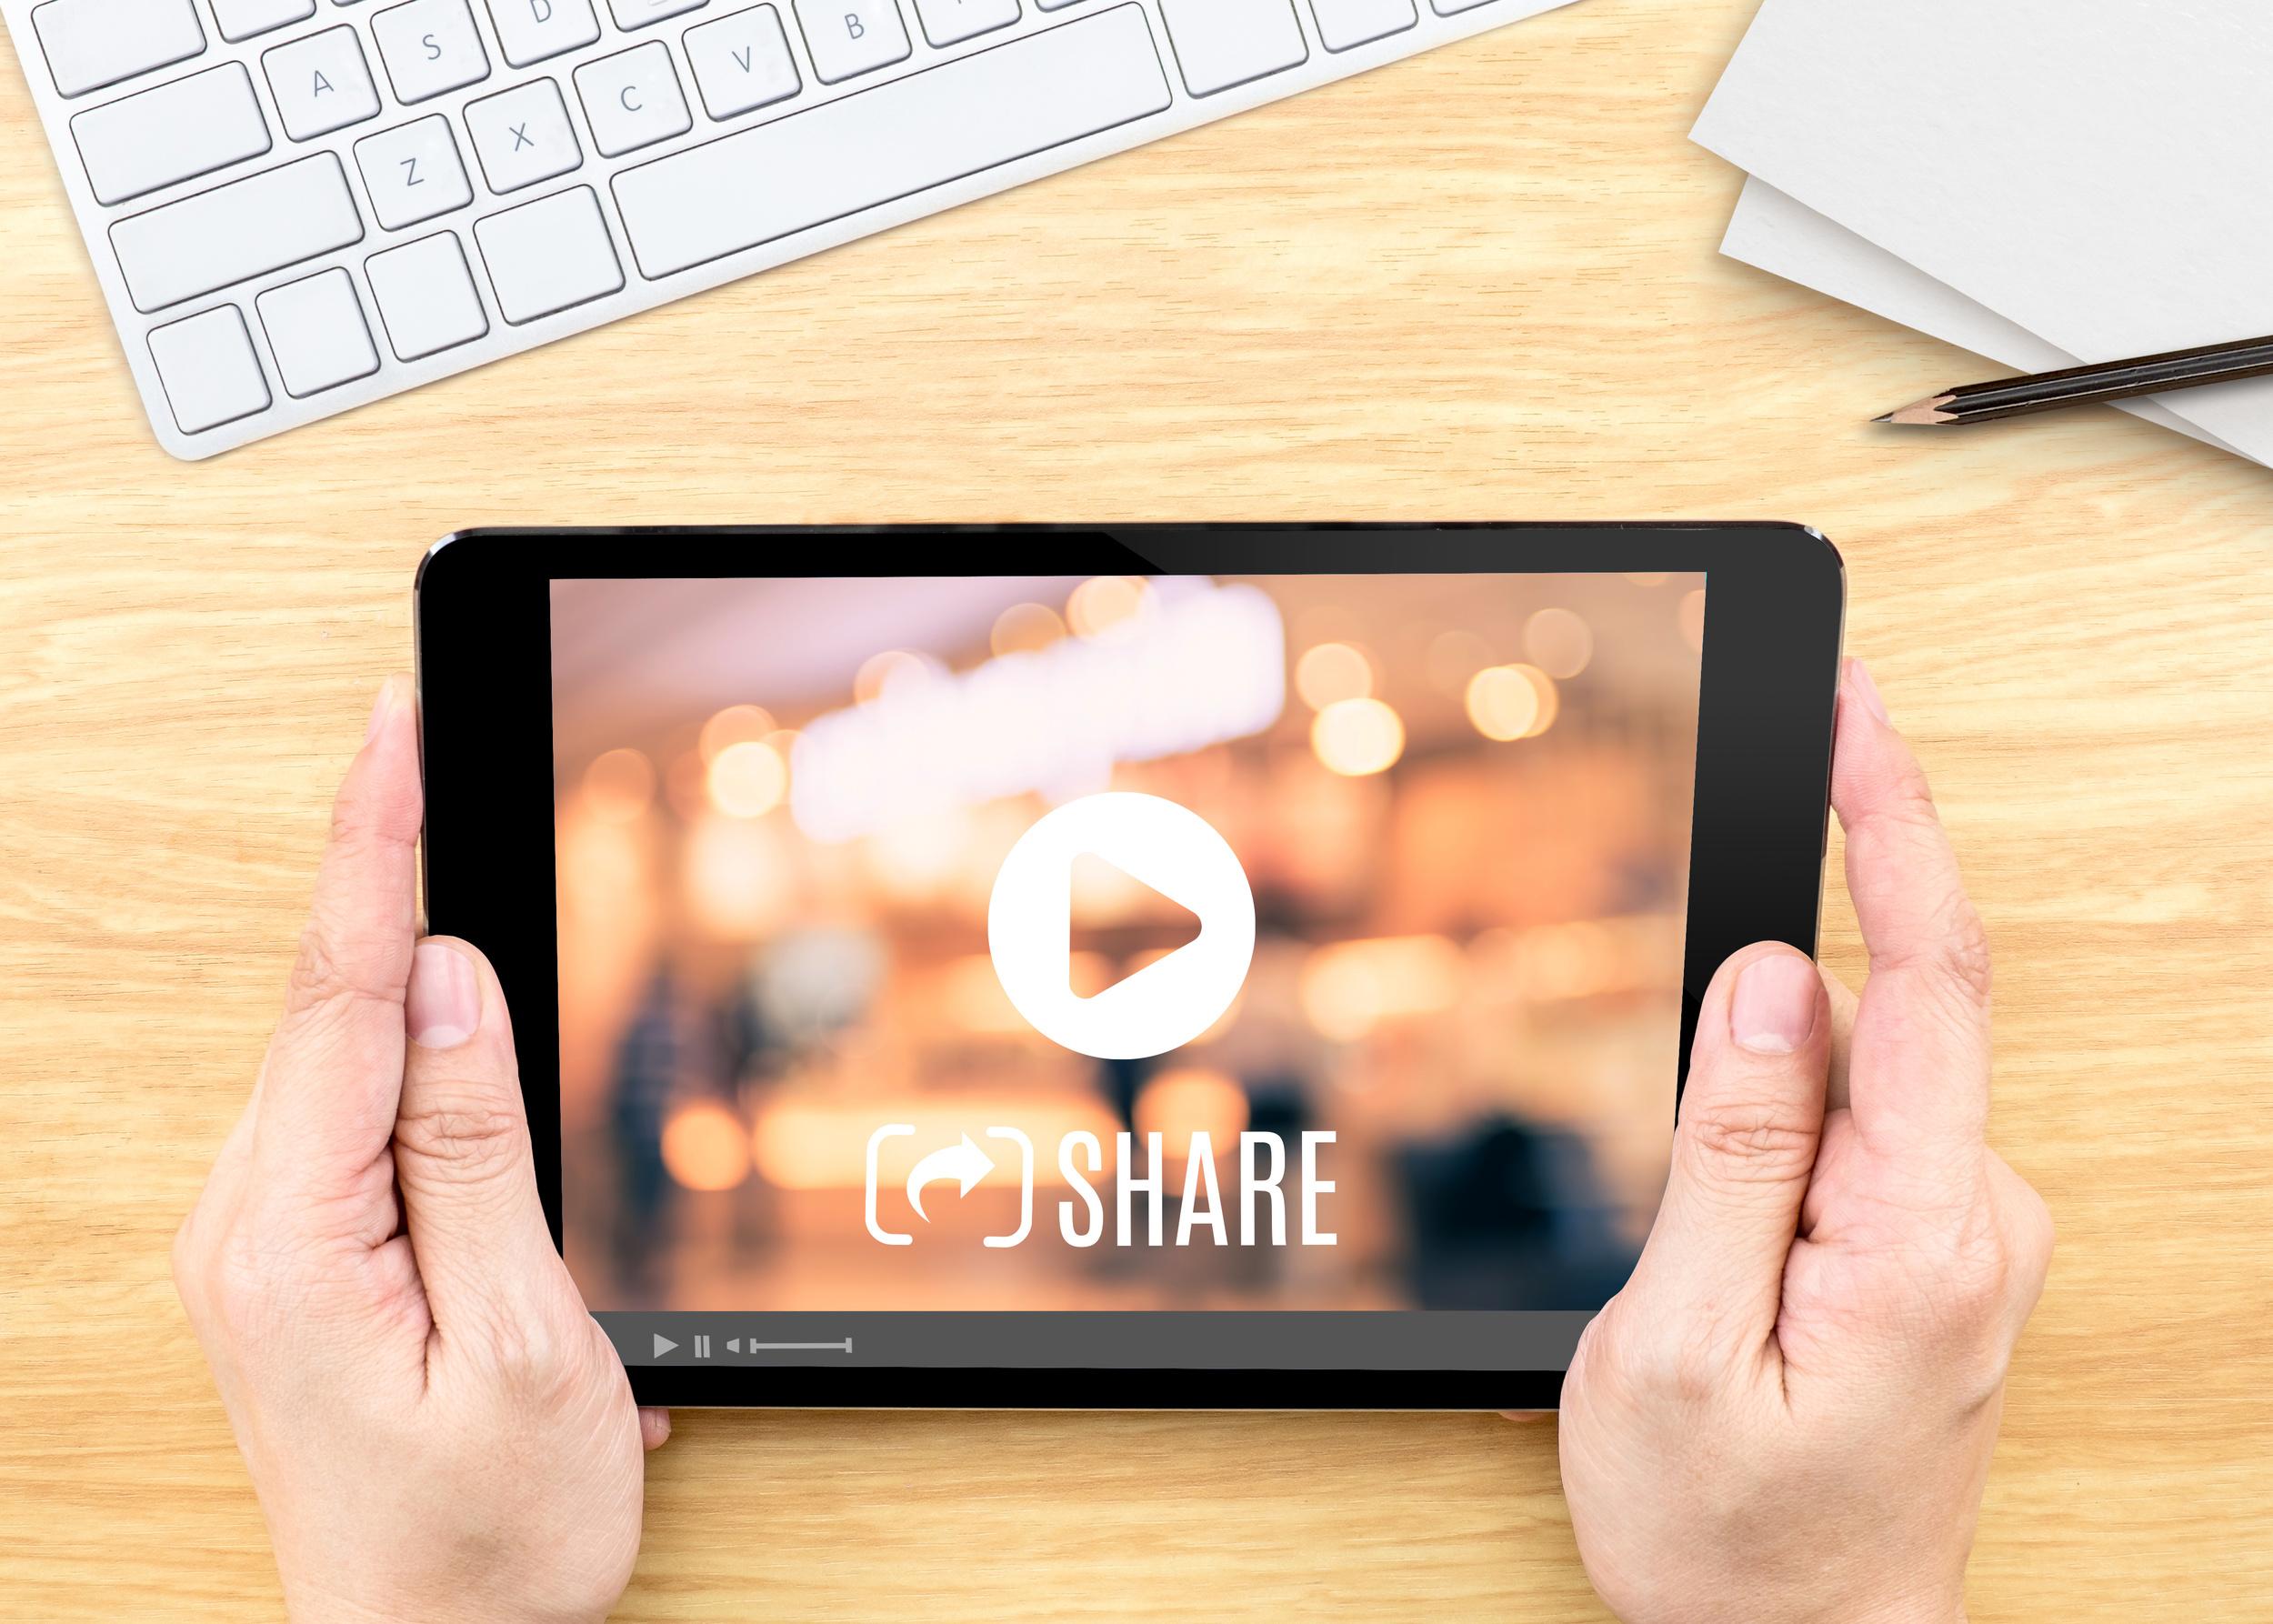 YouTube_Marketing_Sharing